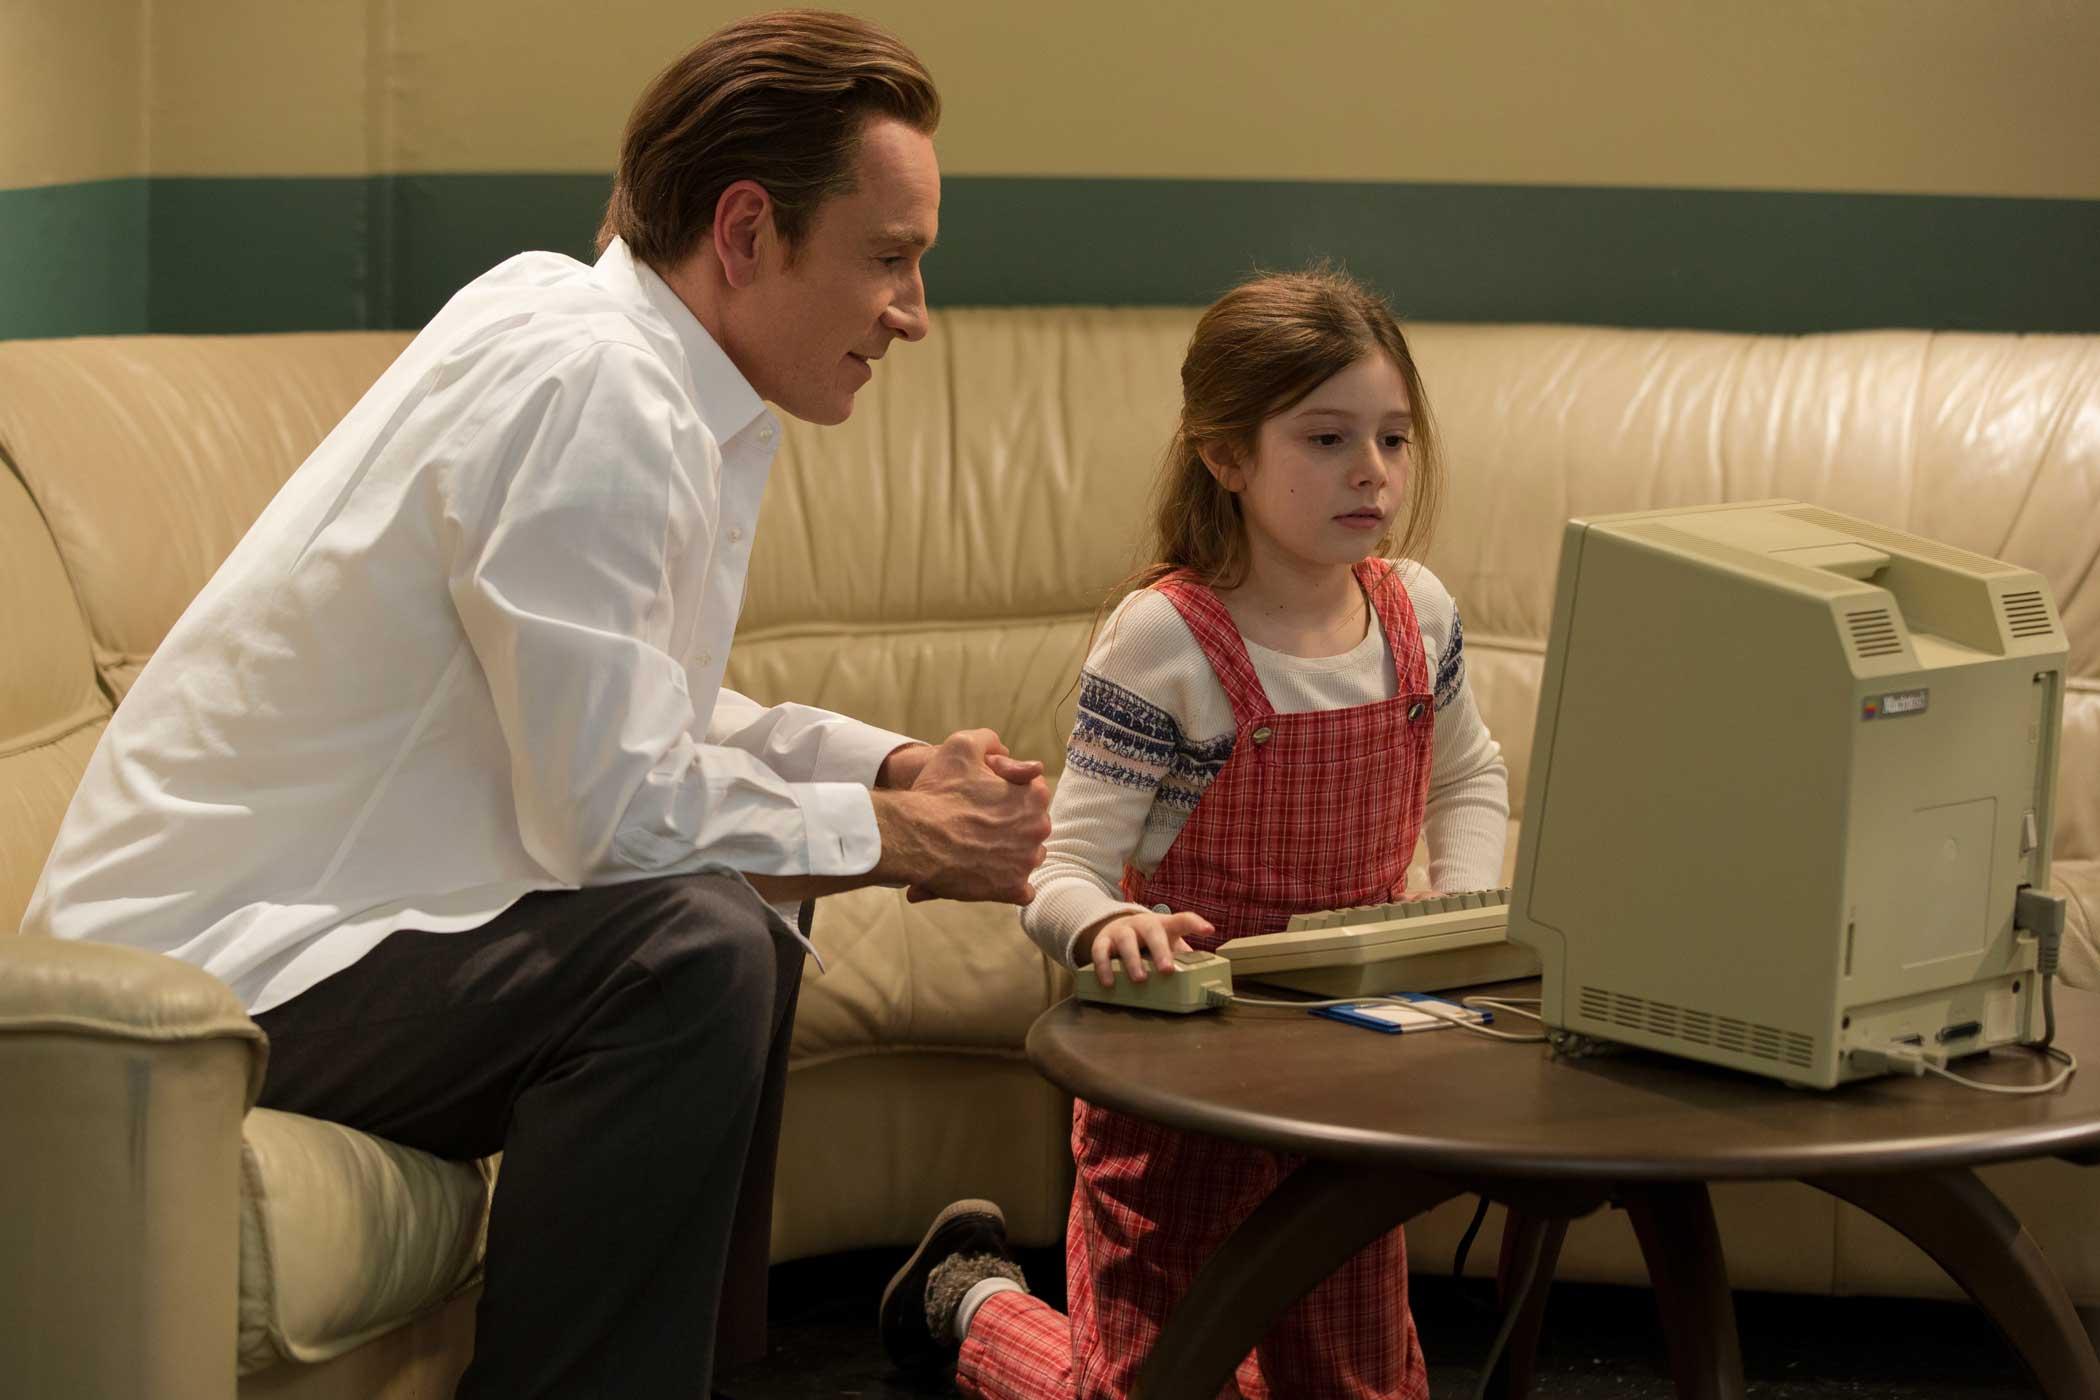 Steve Jobs Michael Fassbender) with daughter (Lisa Brennan Makezie Moss).